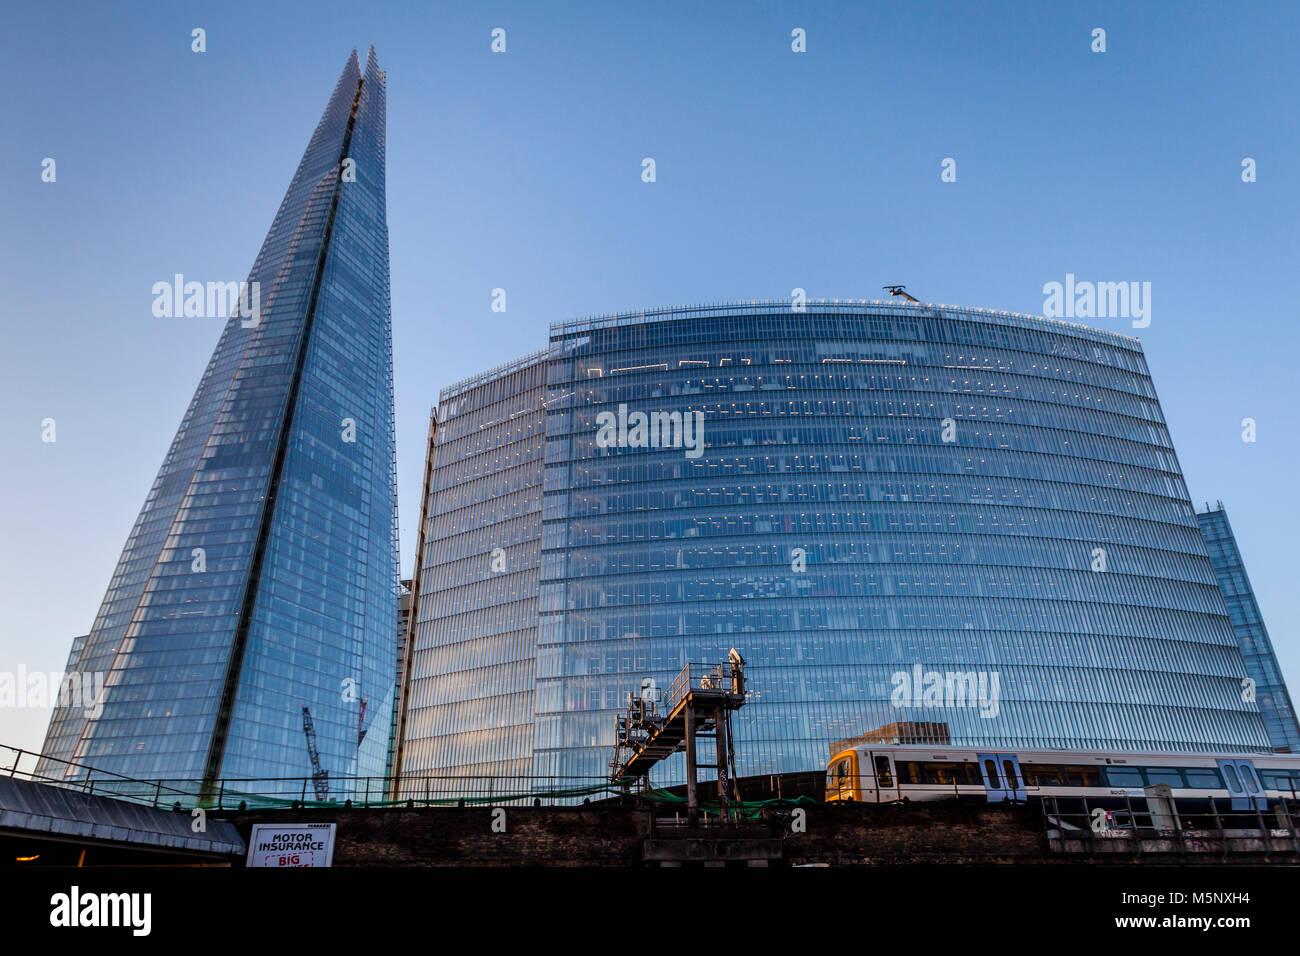 Ein Nahverkehrszug übergibt den Shard und die Nachrichten, Gebäude, London Bridge, London, UK Stockbild